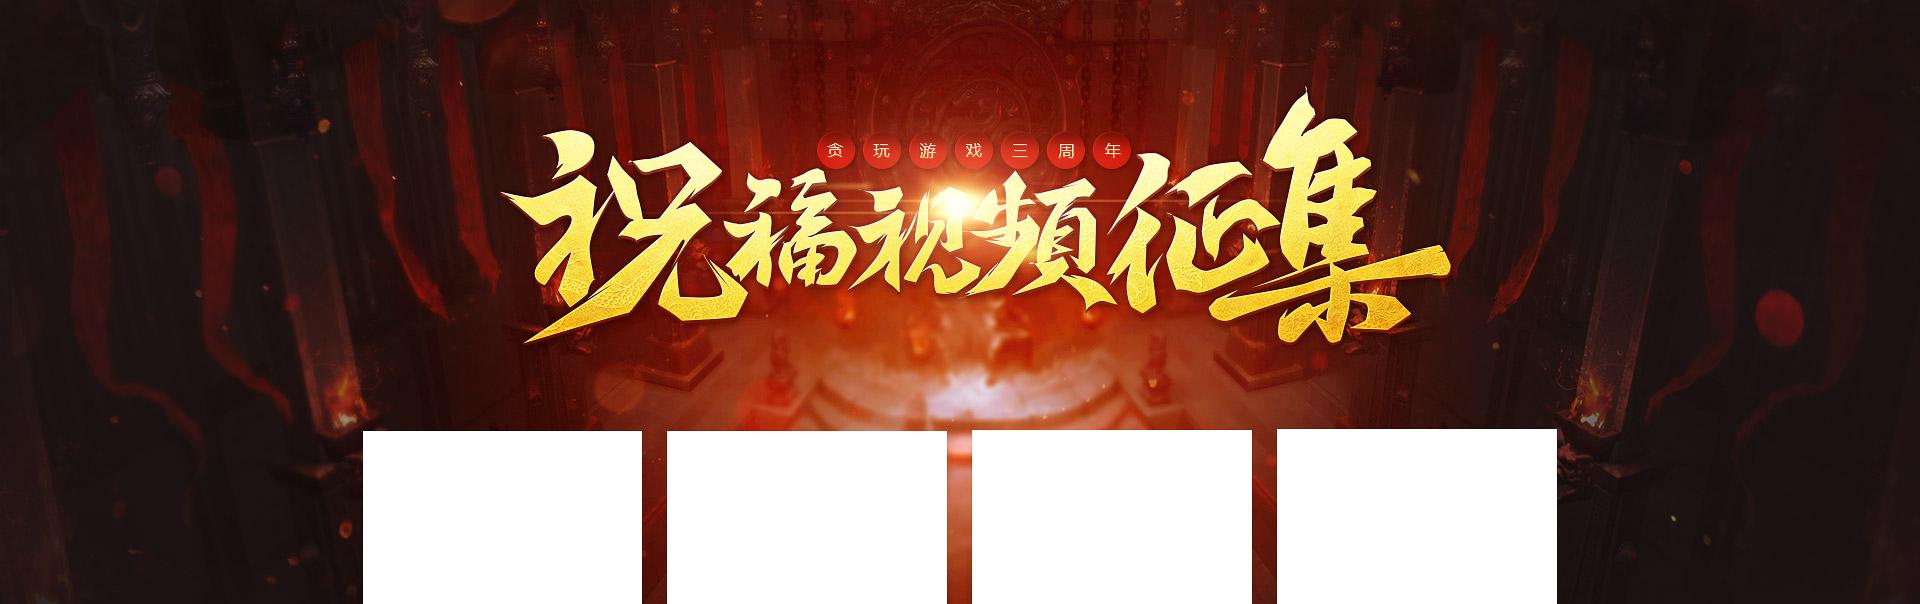 《贪玩游戏》三周年庆典之祝福视频大征集